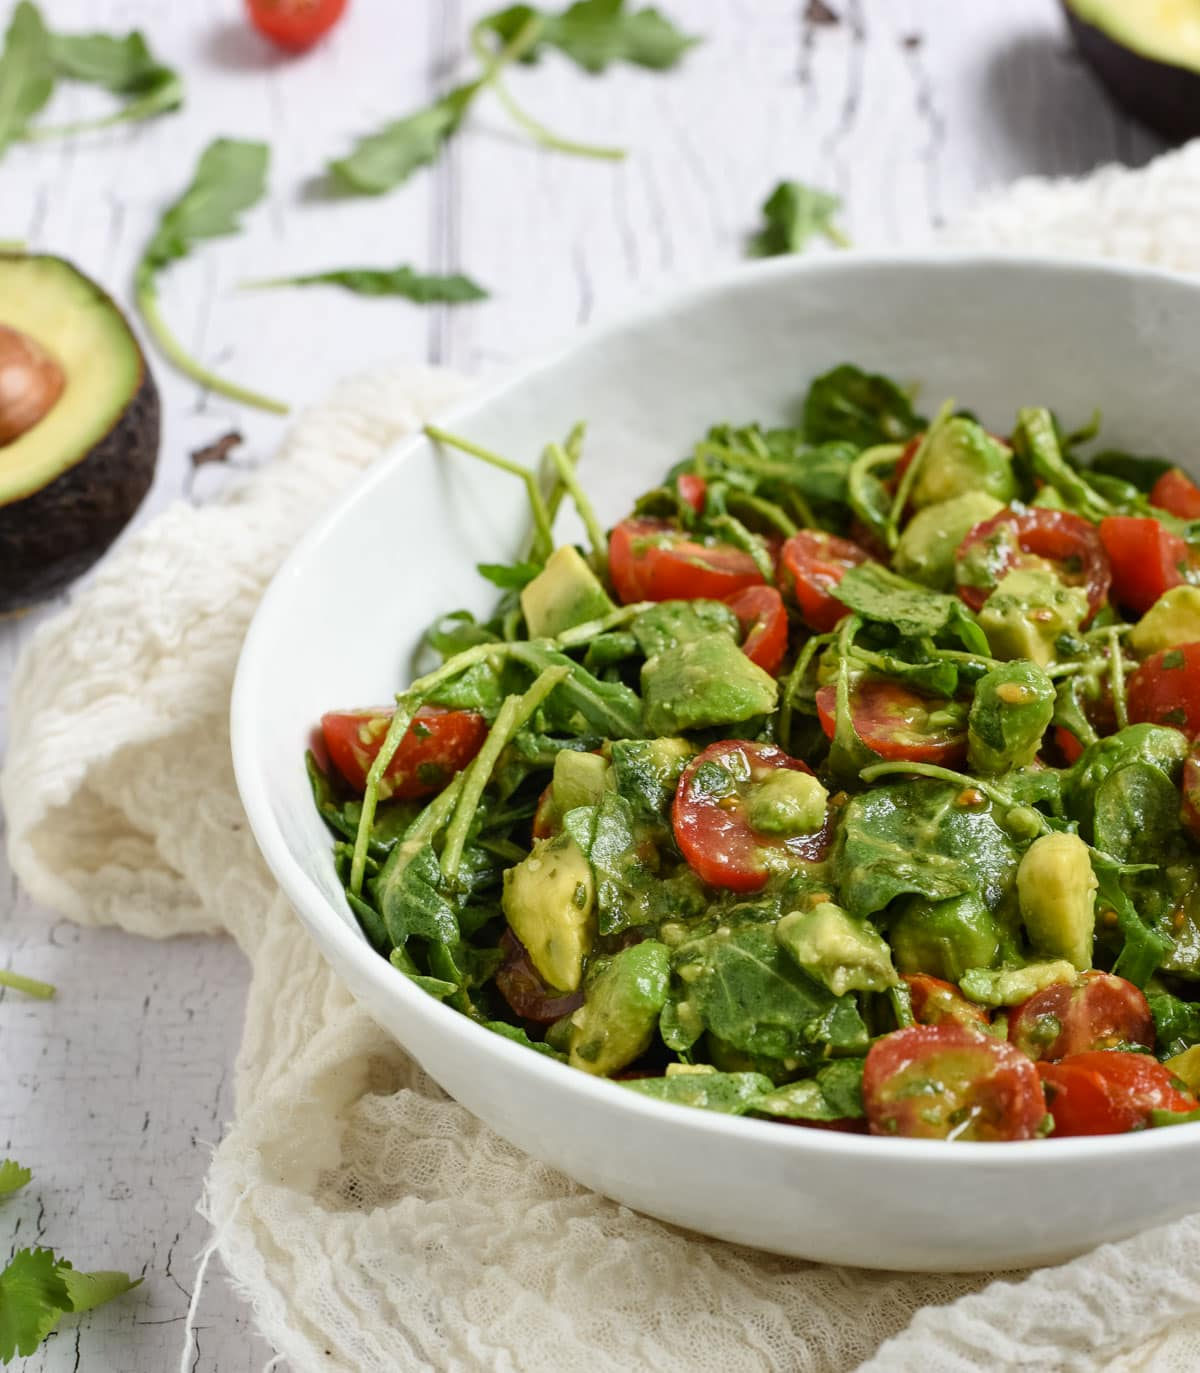 tomato, avocado, arugula salad picture